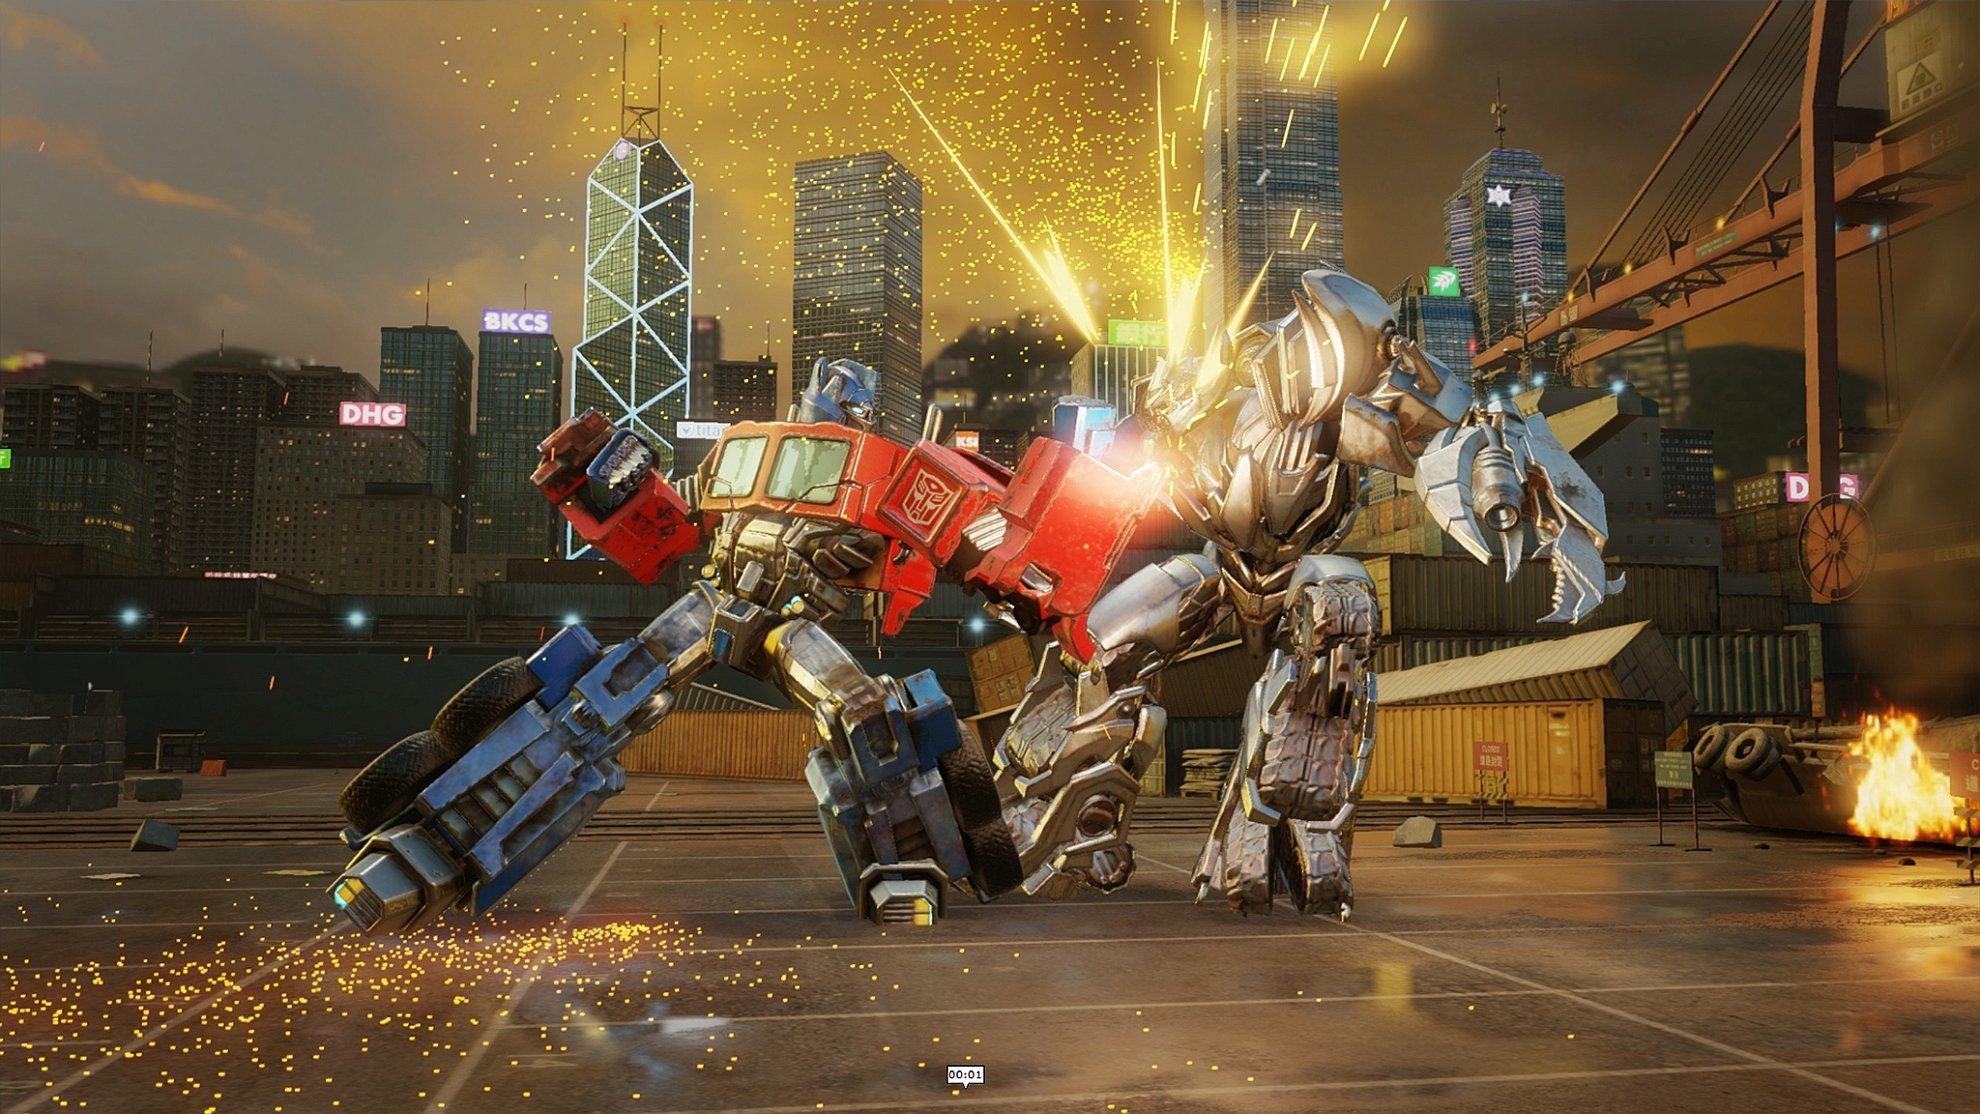 Transformers Forged to Fight el nuevo juego de la saga para mviles